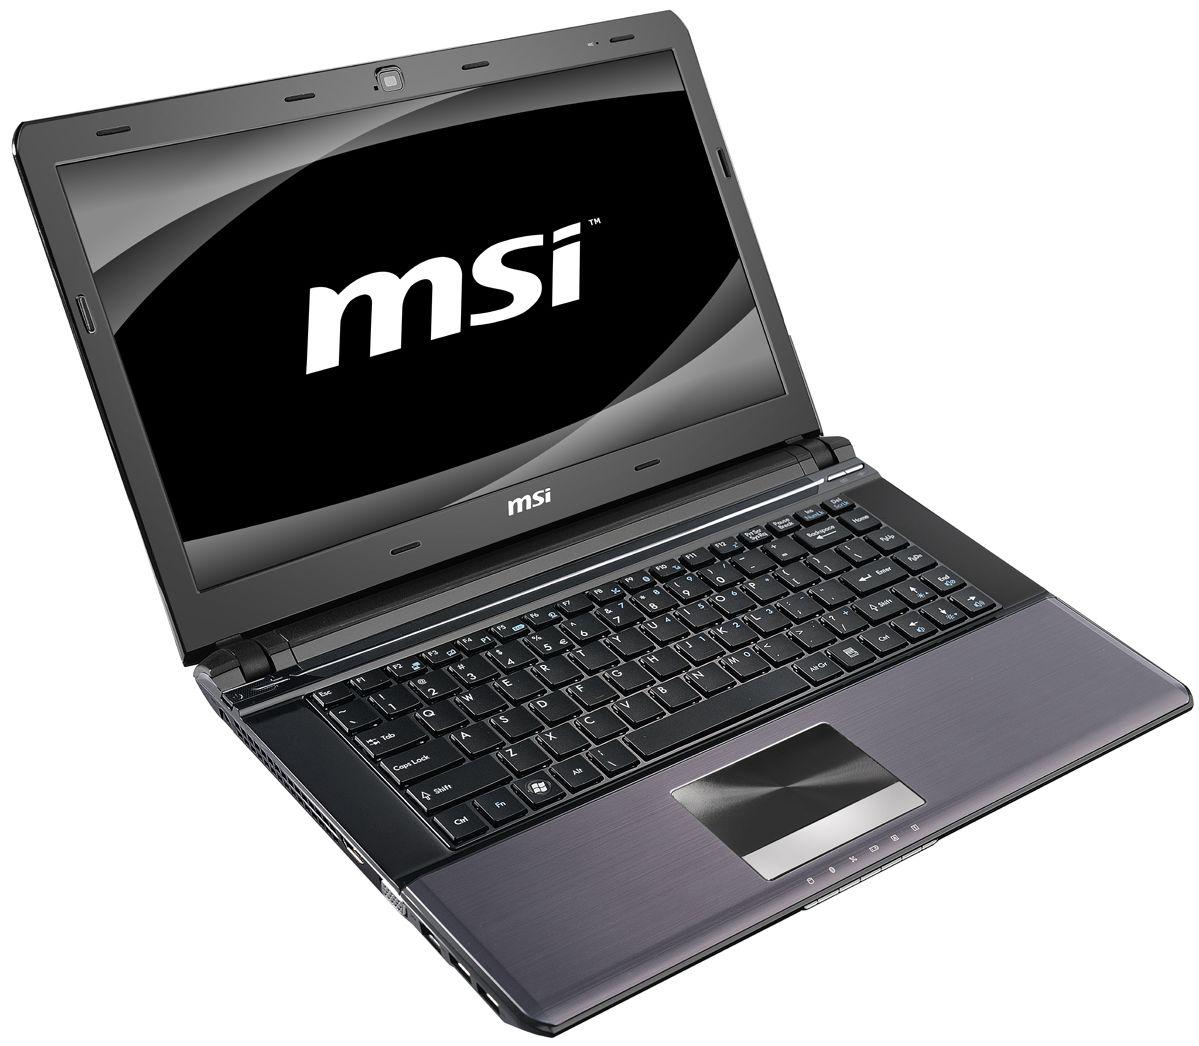 MSI X460DX-079